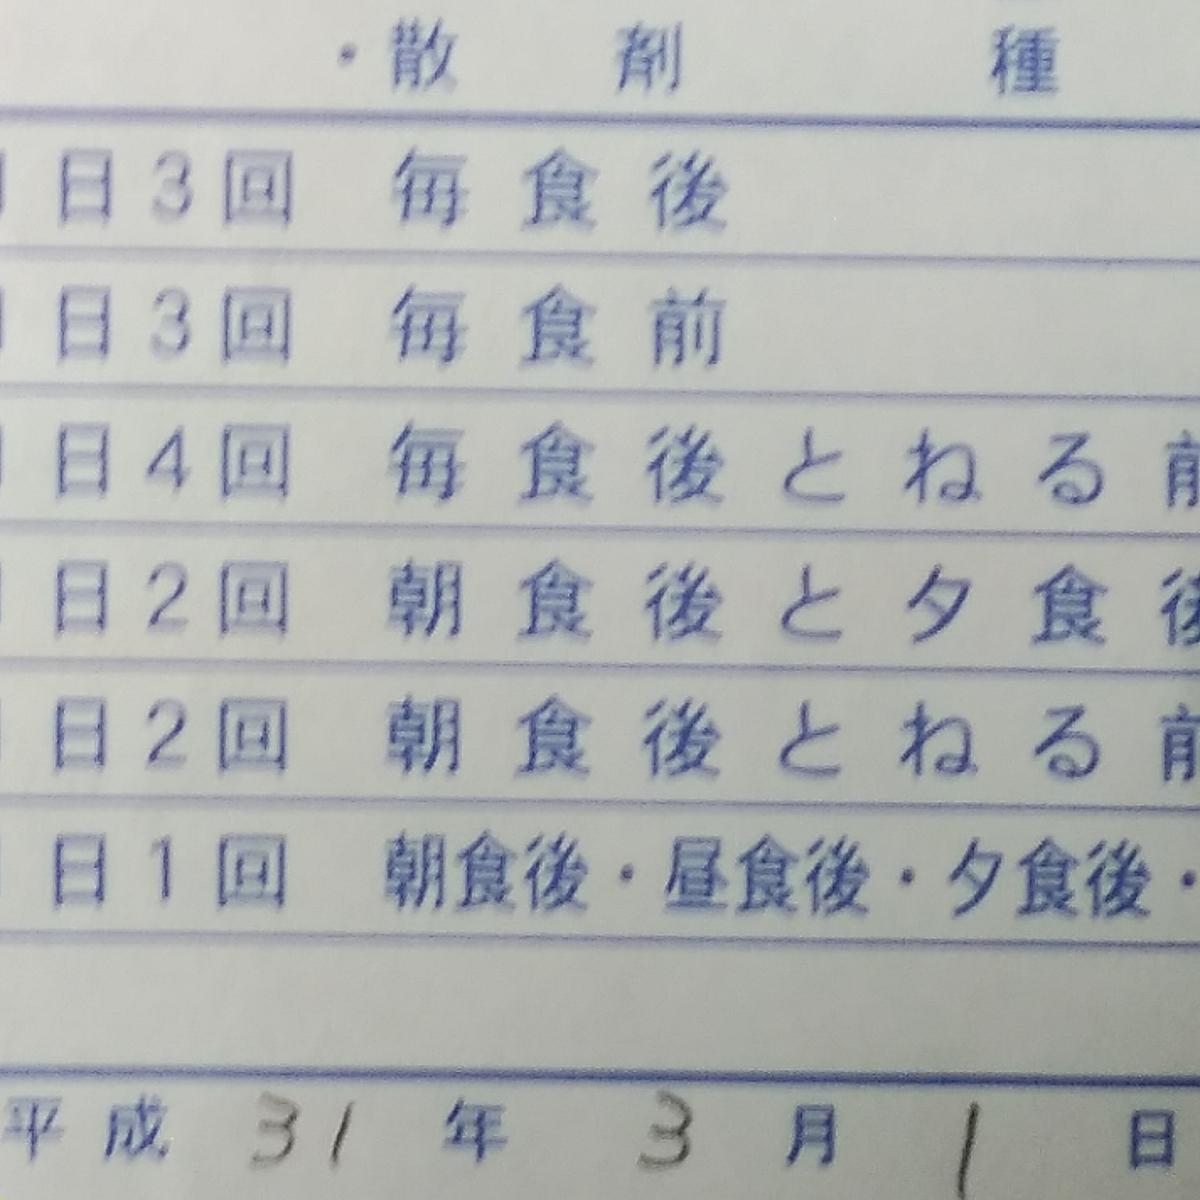 f:id:yumi_11819:20190327092137j:plain